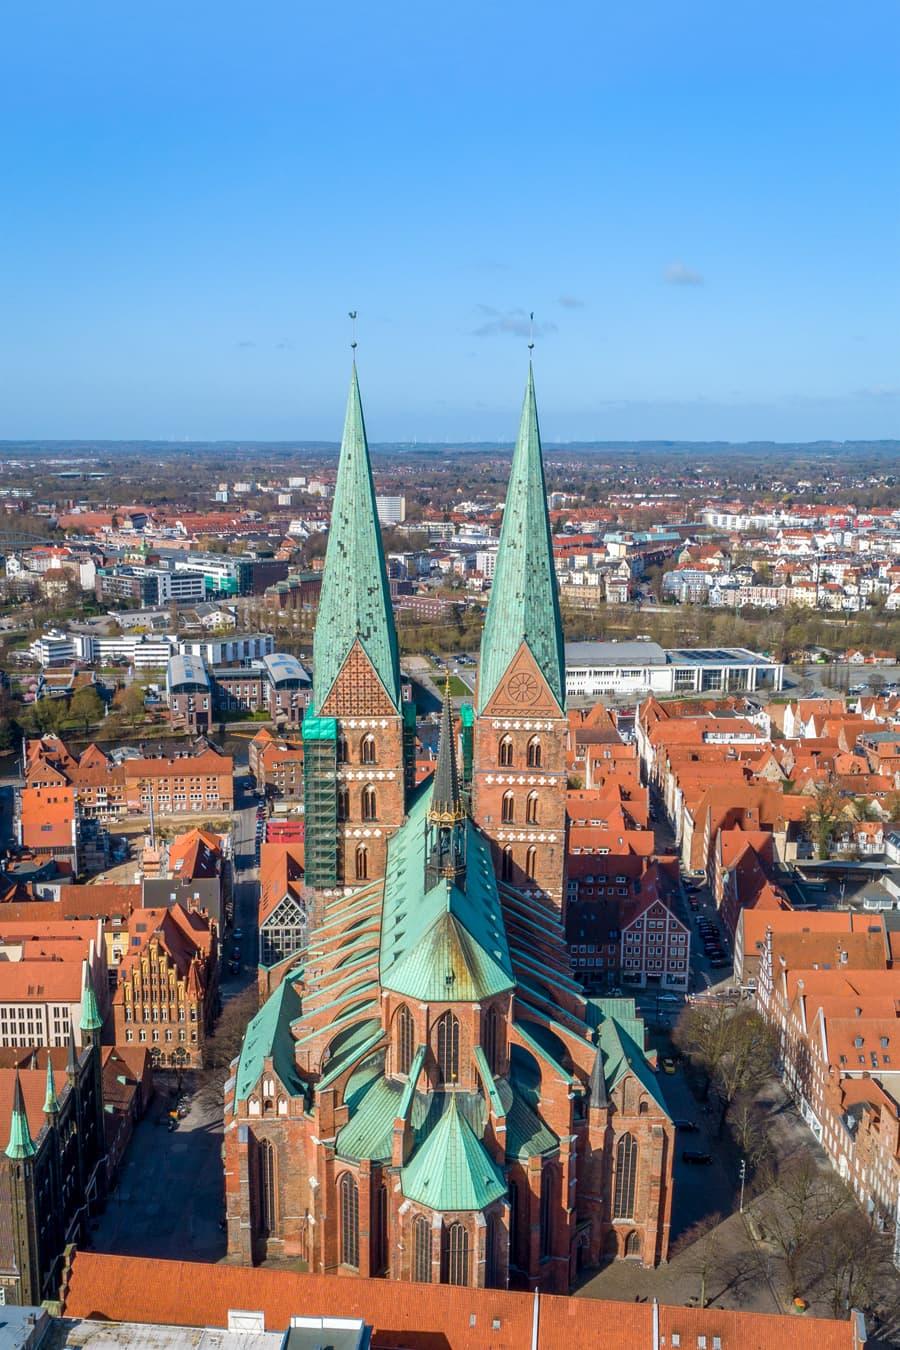 Marienkirche St. Marien in Lübeck